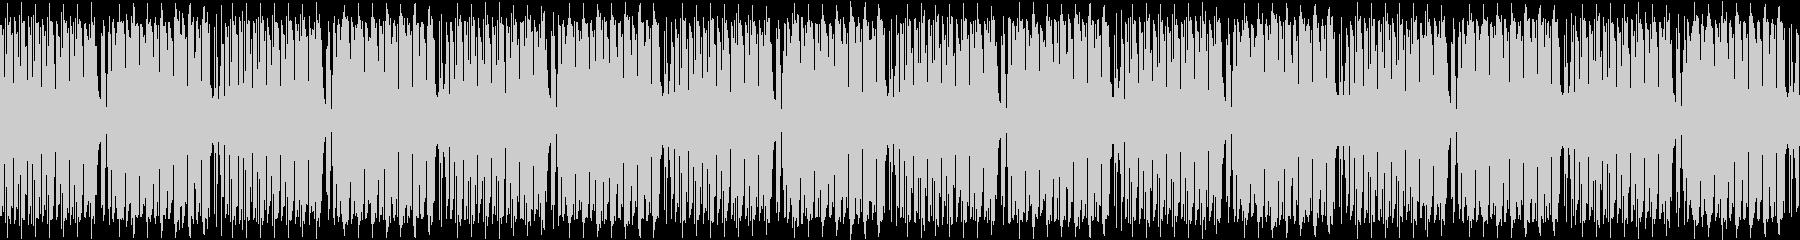 コミカルな雰囲気のブリッジBGMの未再生の波形